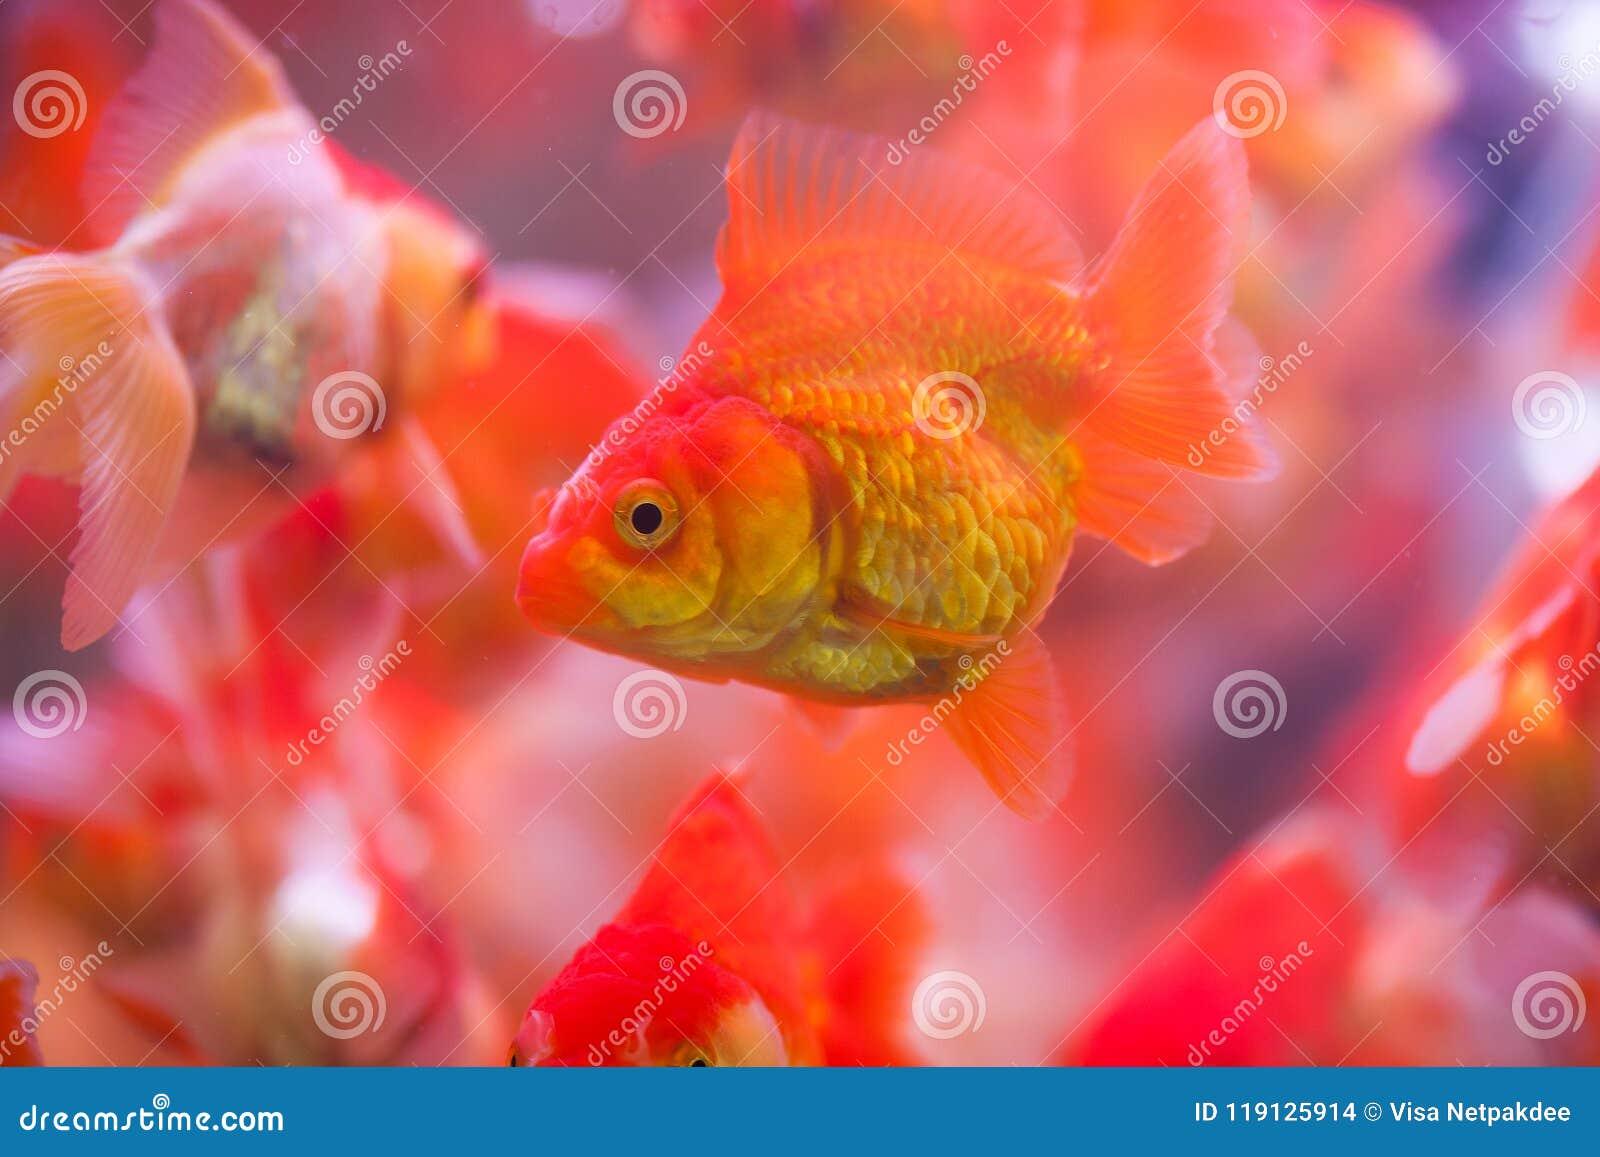 El pez de colores chupa rocas